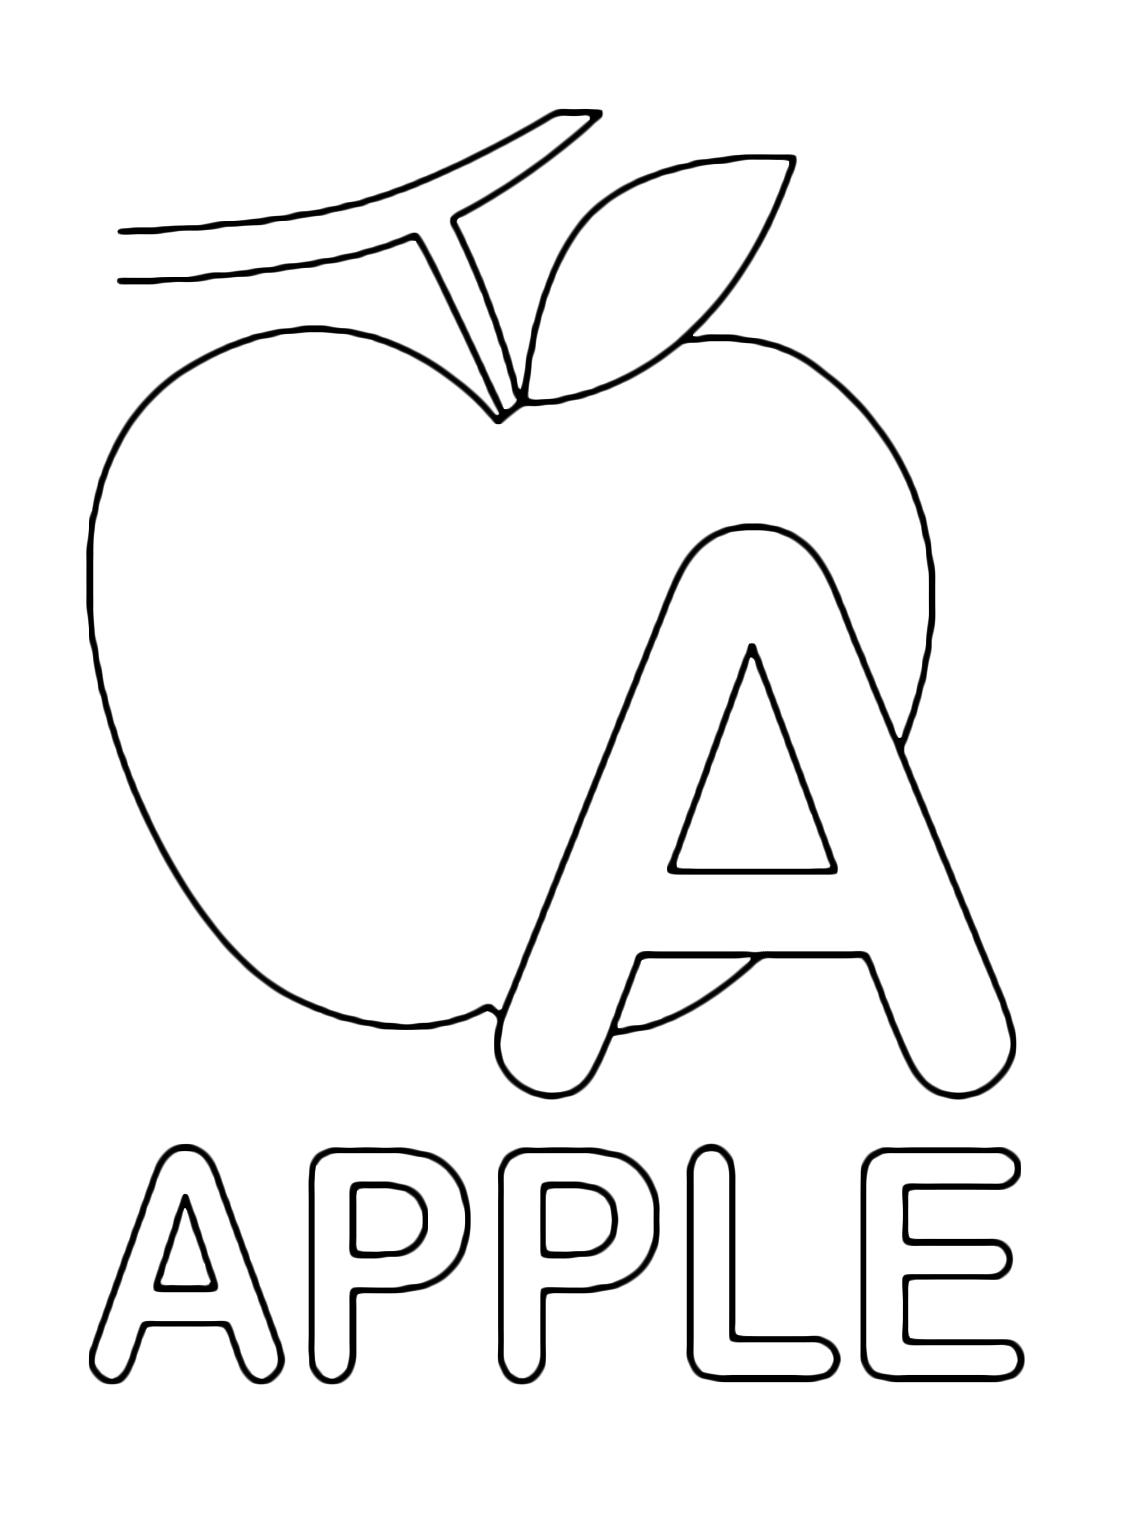 lettere e numeri   lettera a instampatello di apple mela